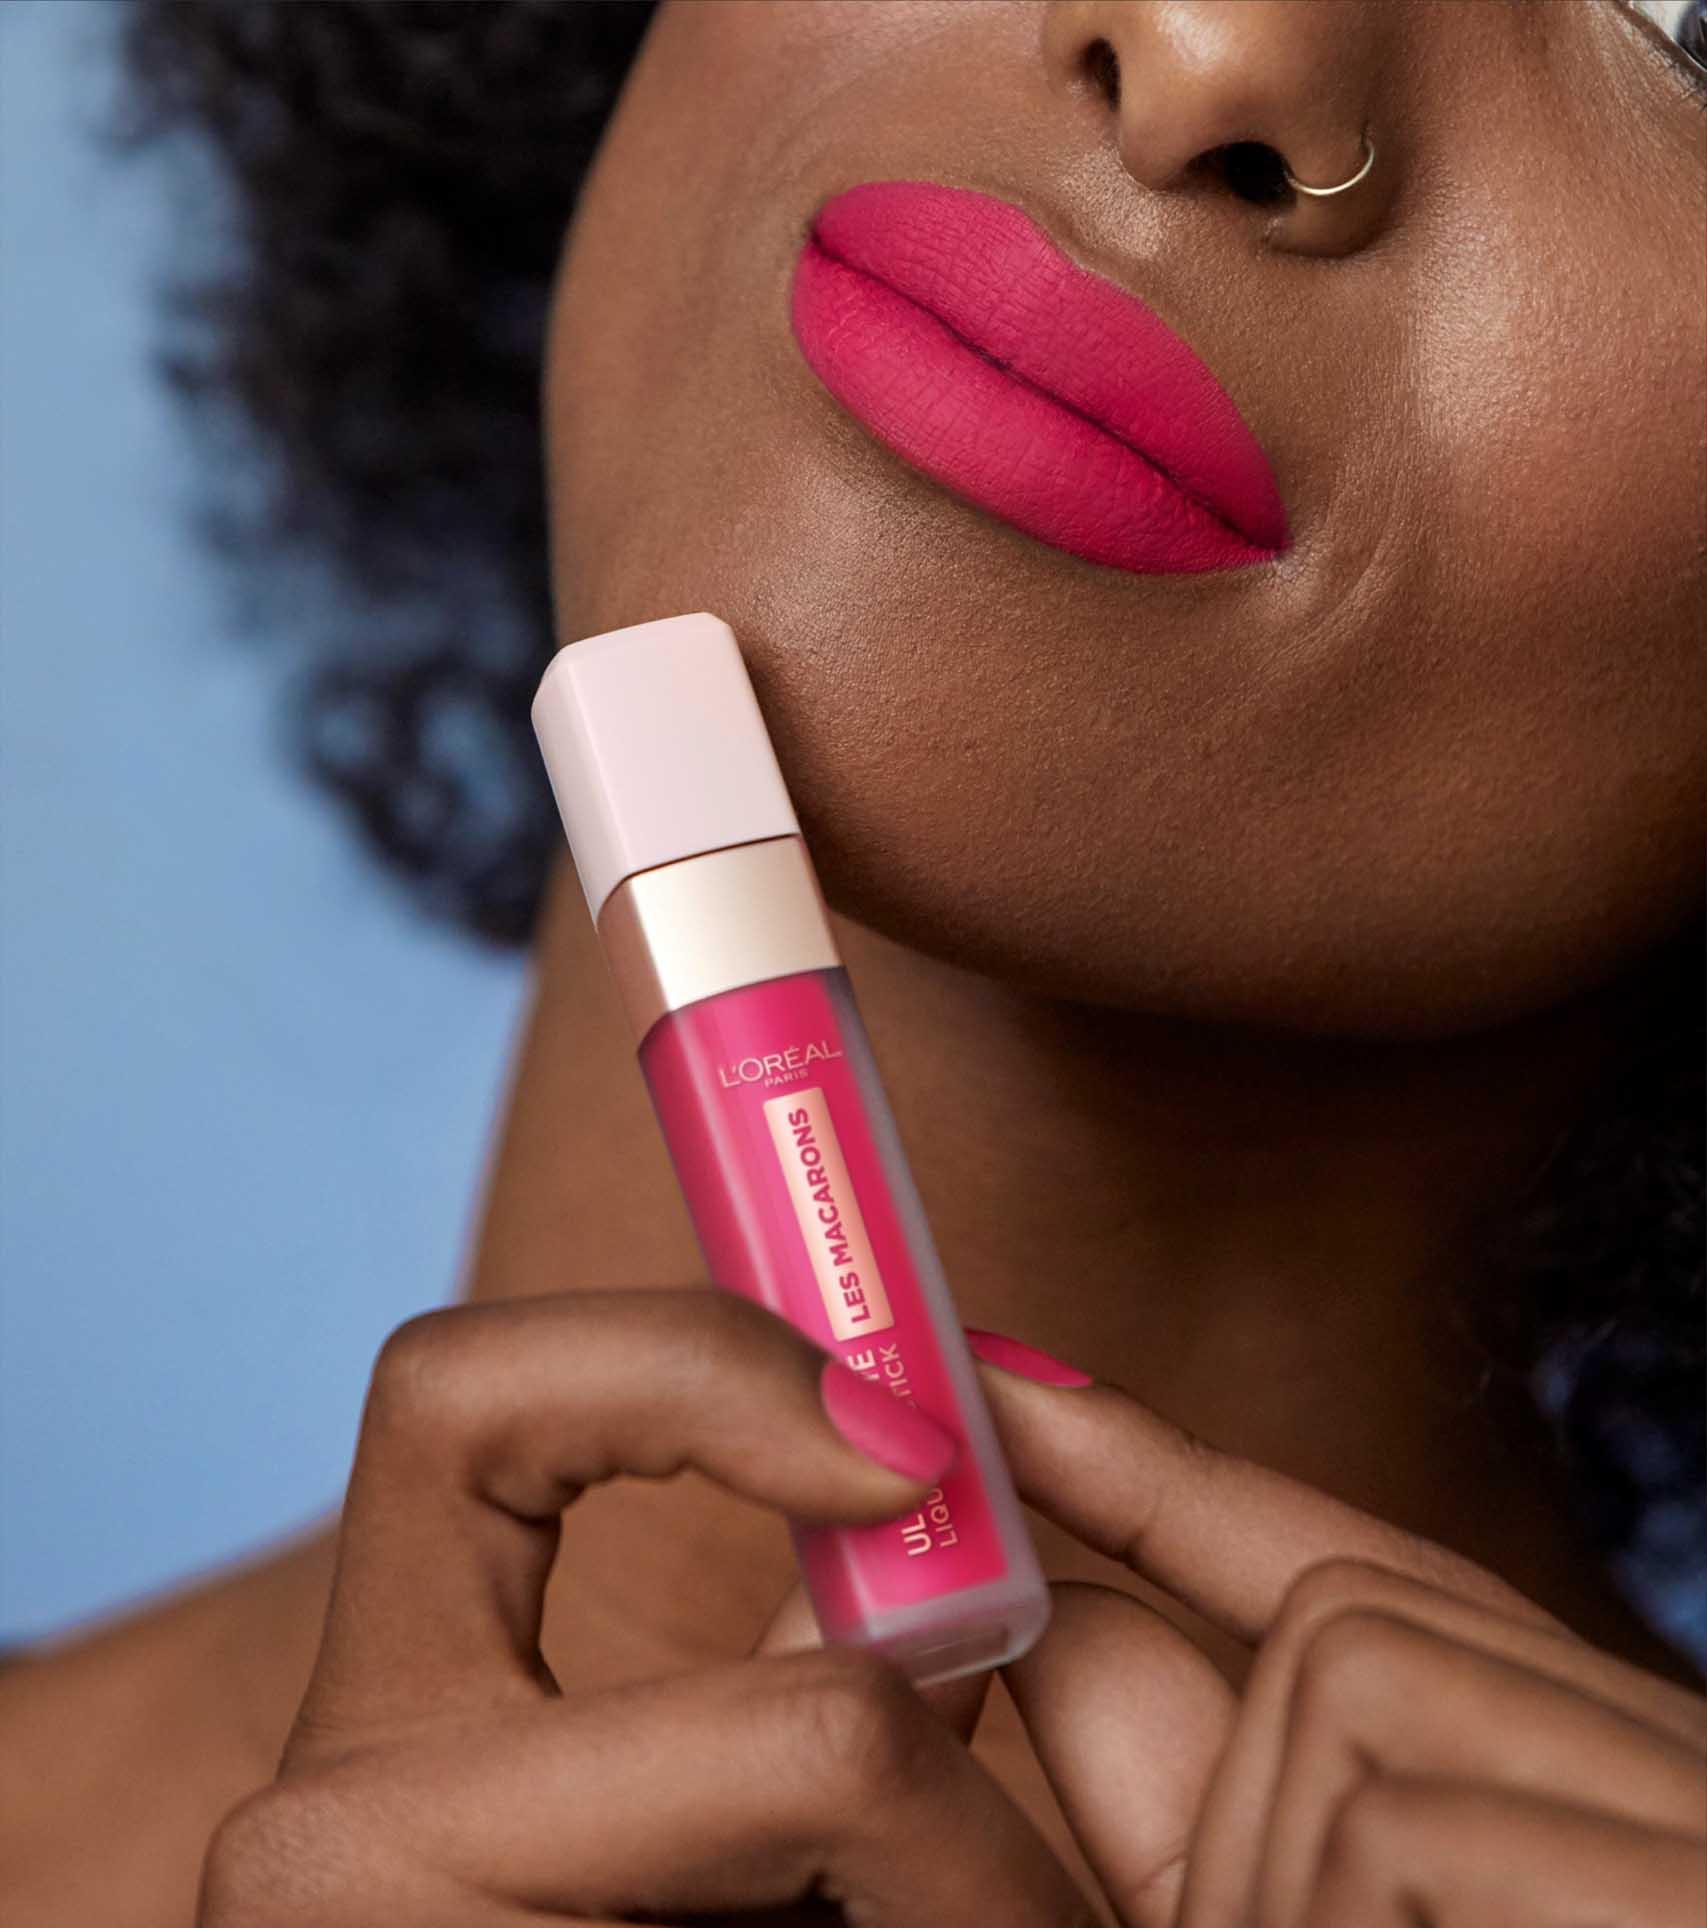 Valentine's Day 2020, לוריאל פריז שפתון לאש מקרון, שפתון נוזלי, איפור -3